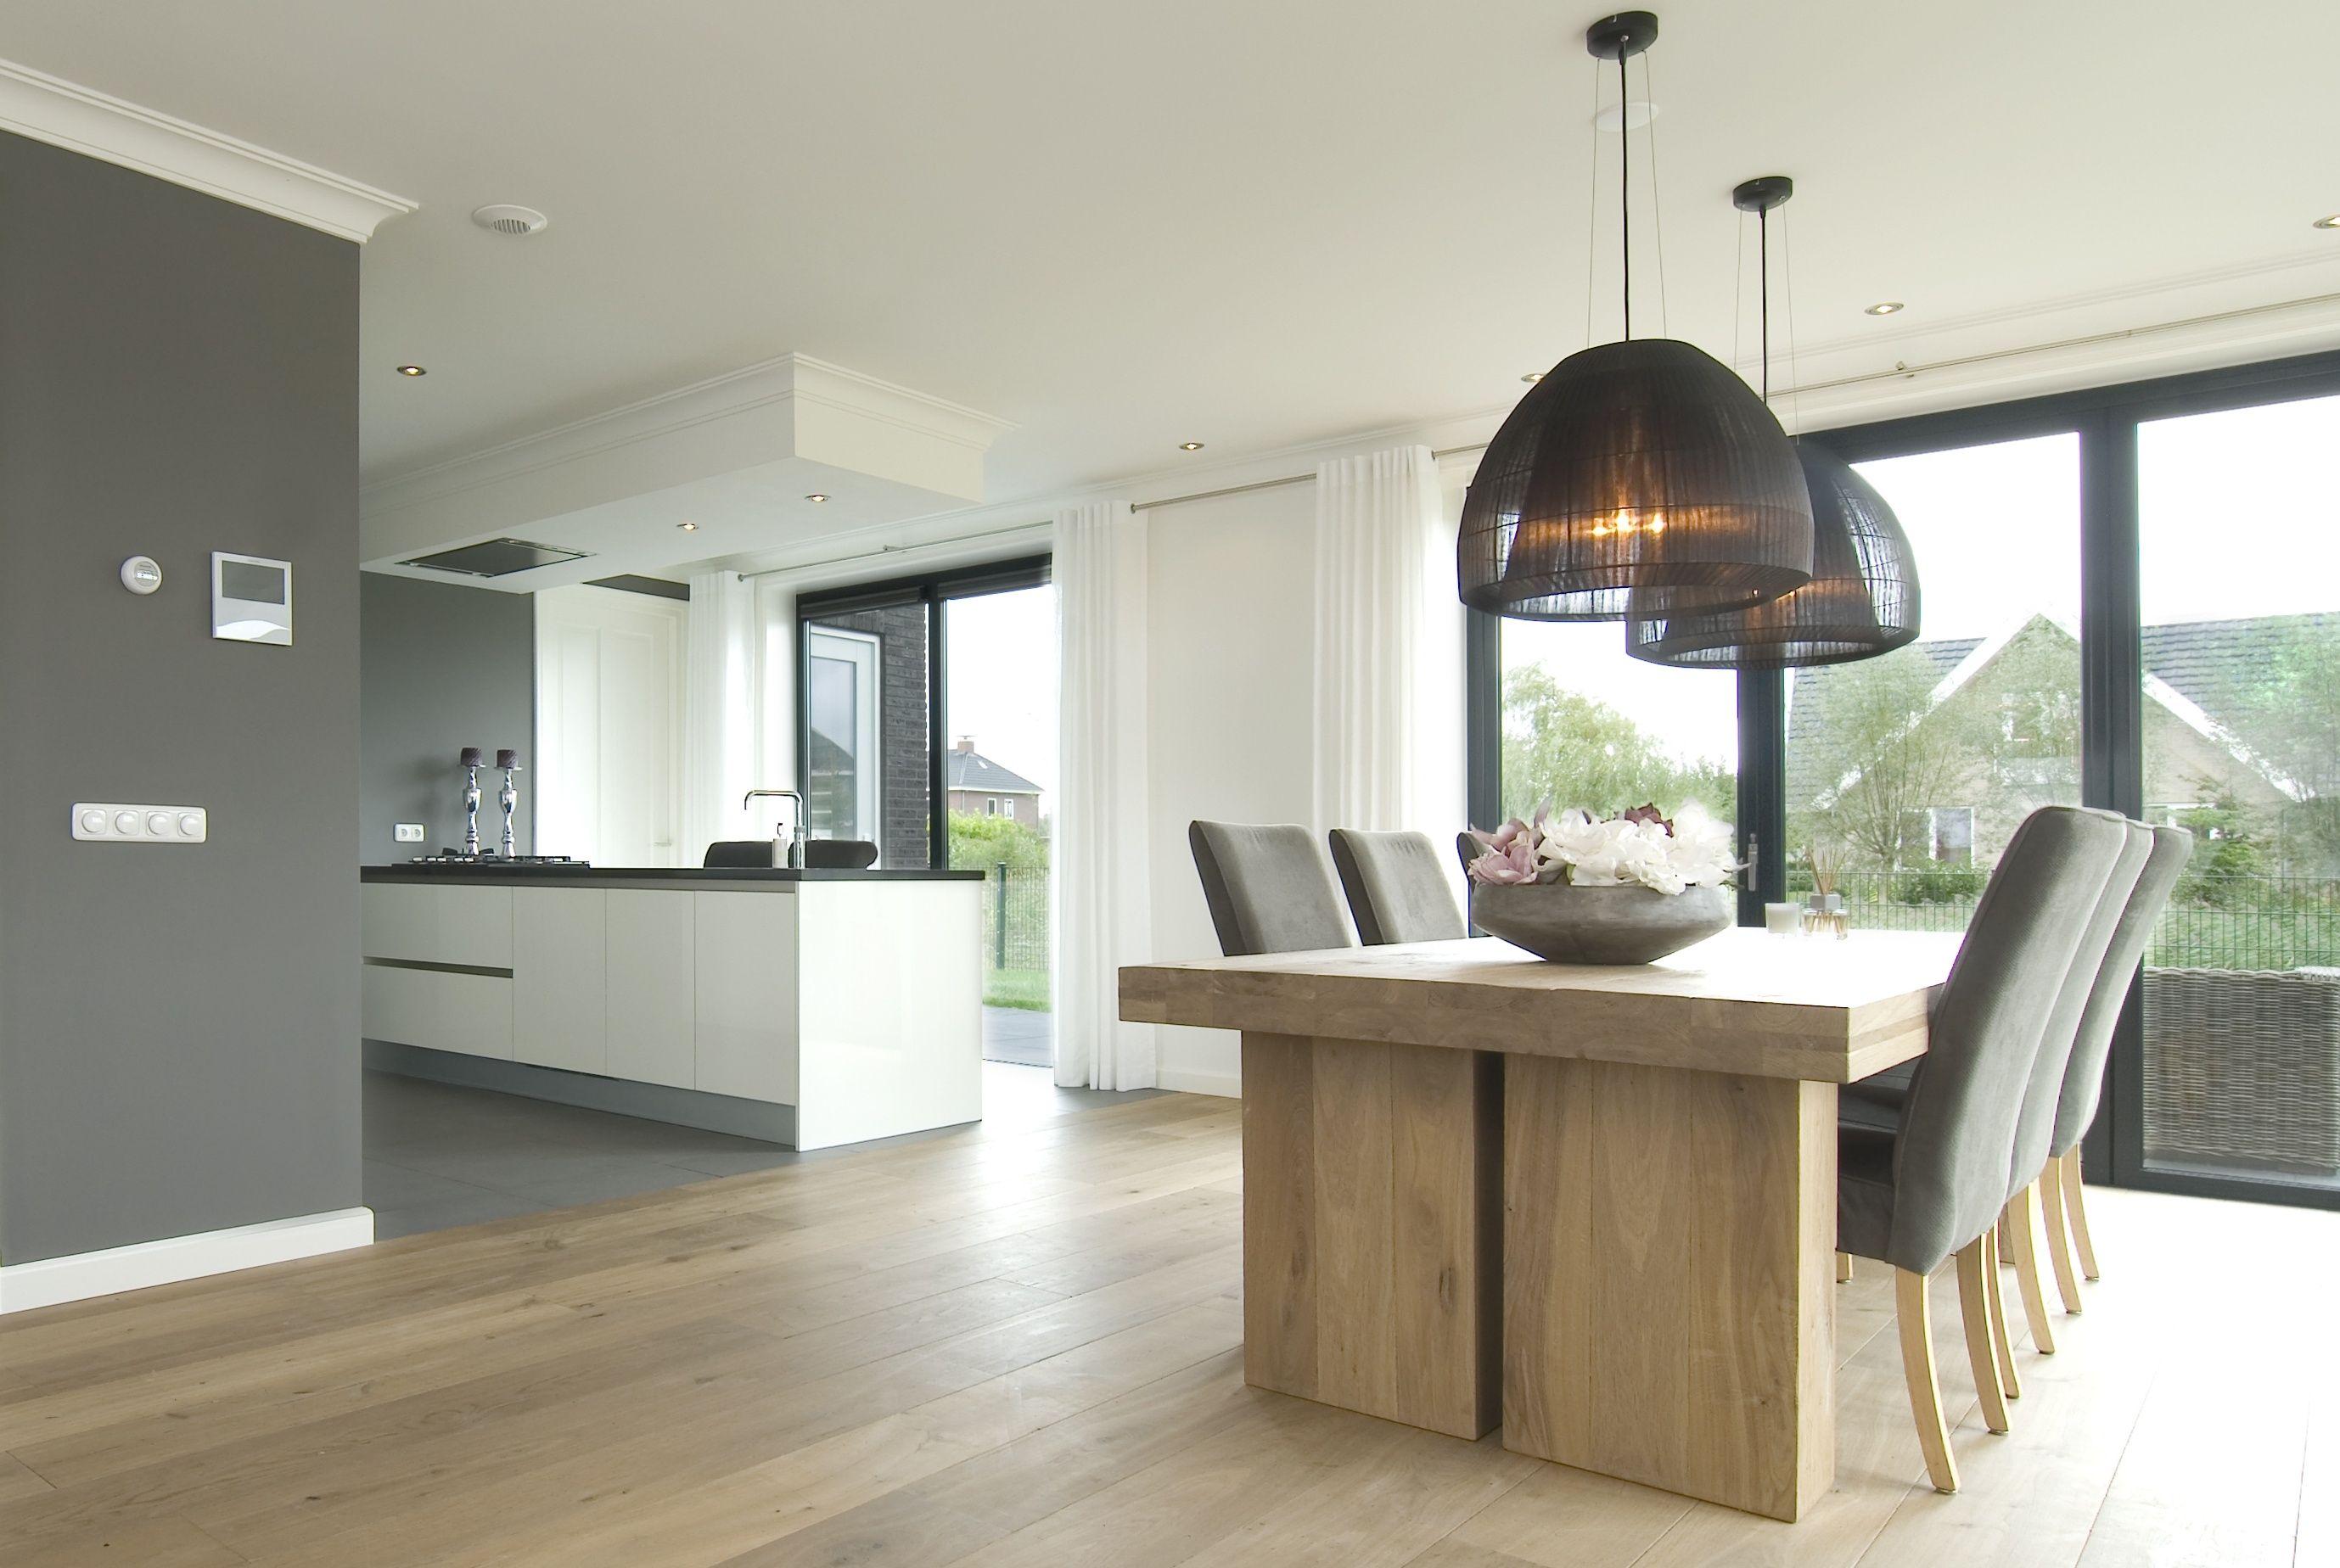 Tres jolie interieur advies house pinterest tr s for Interieur advies